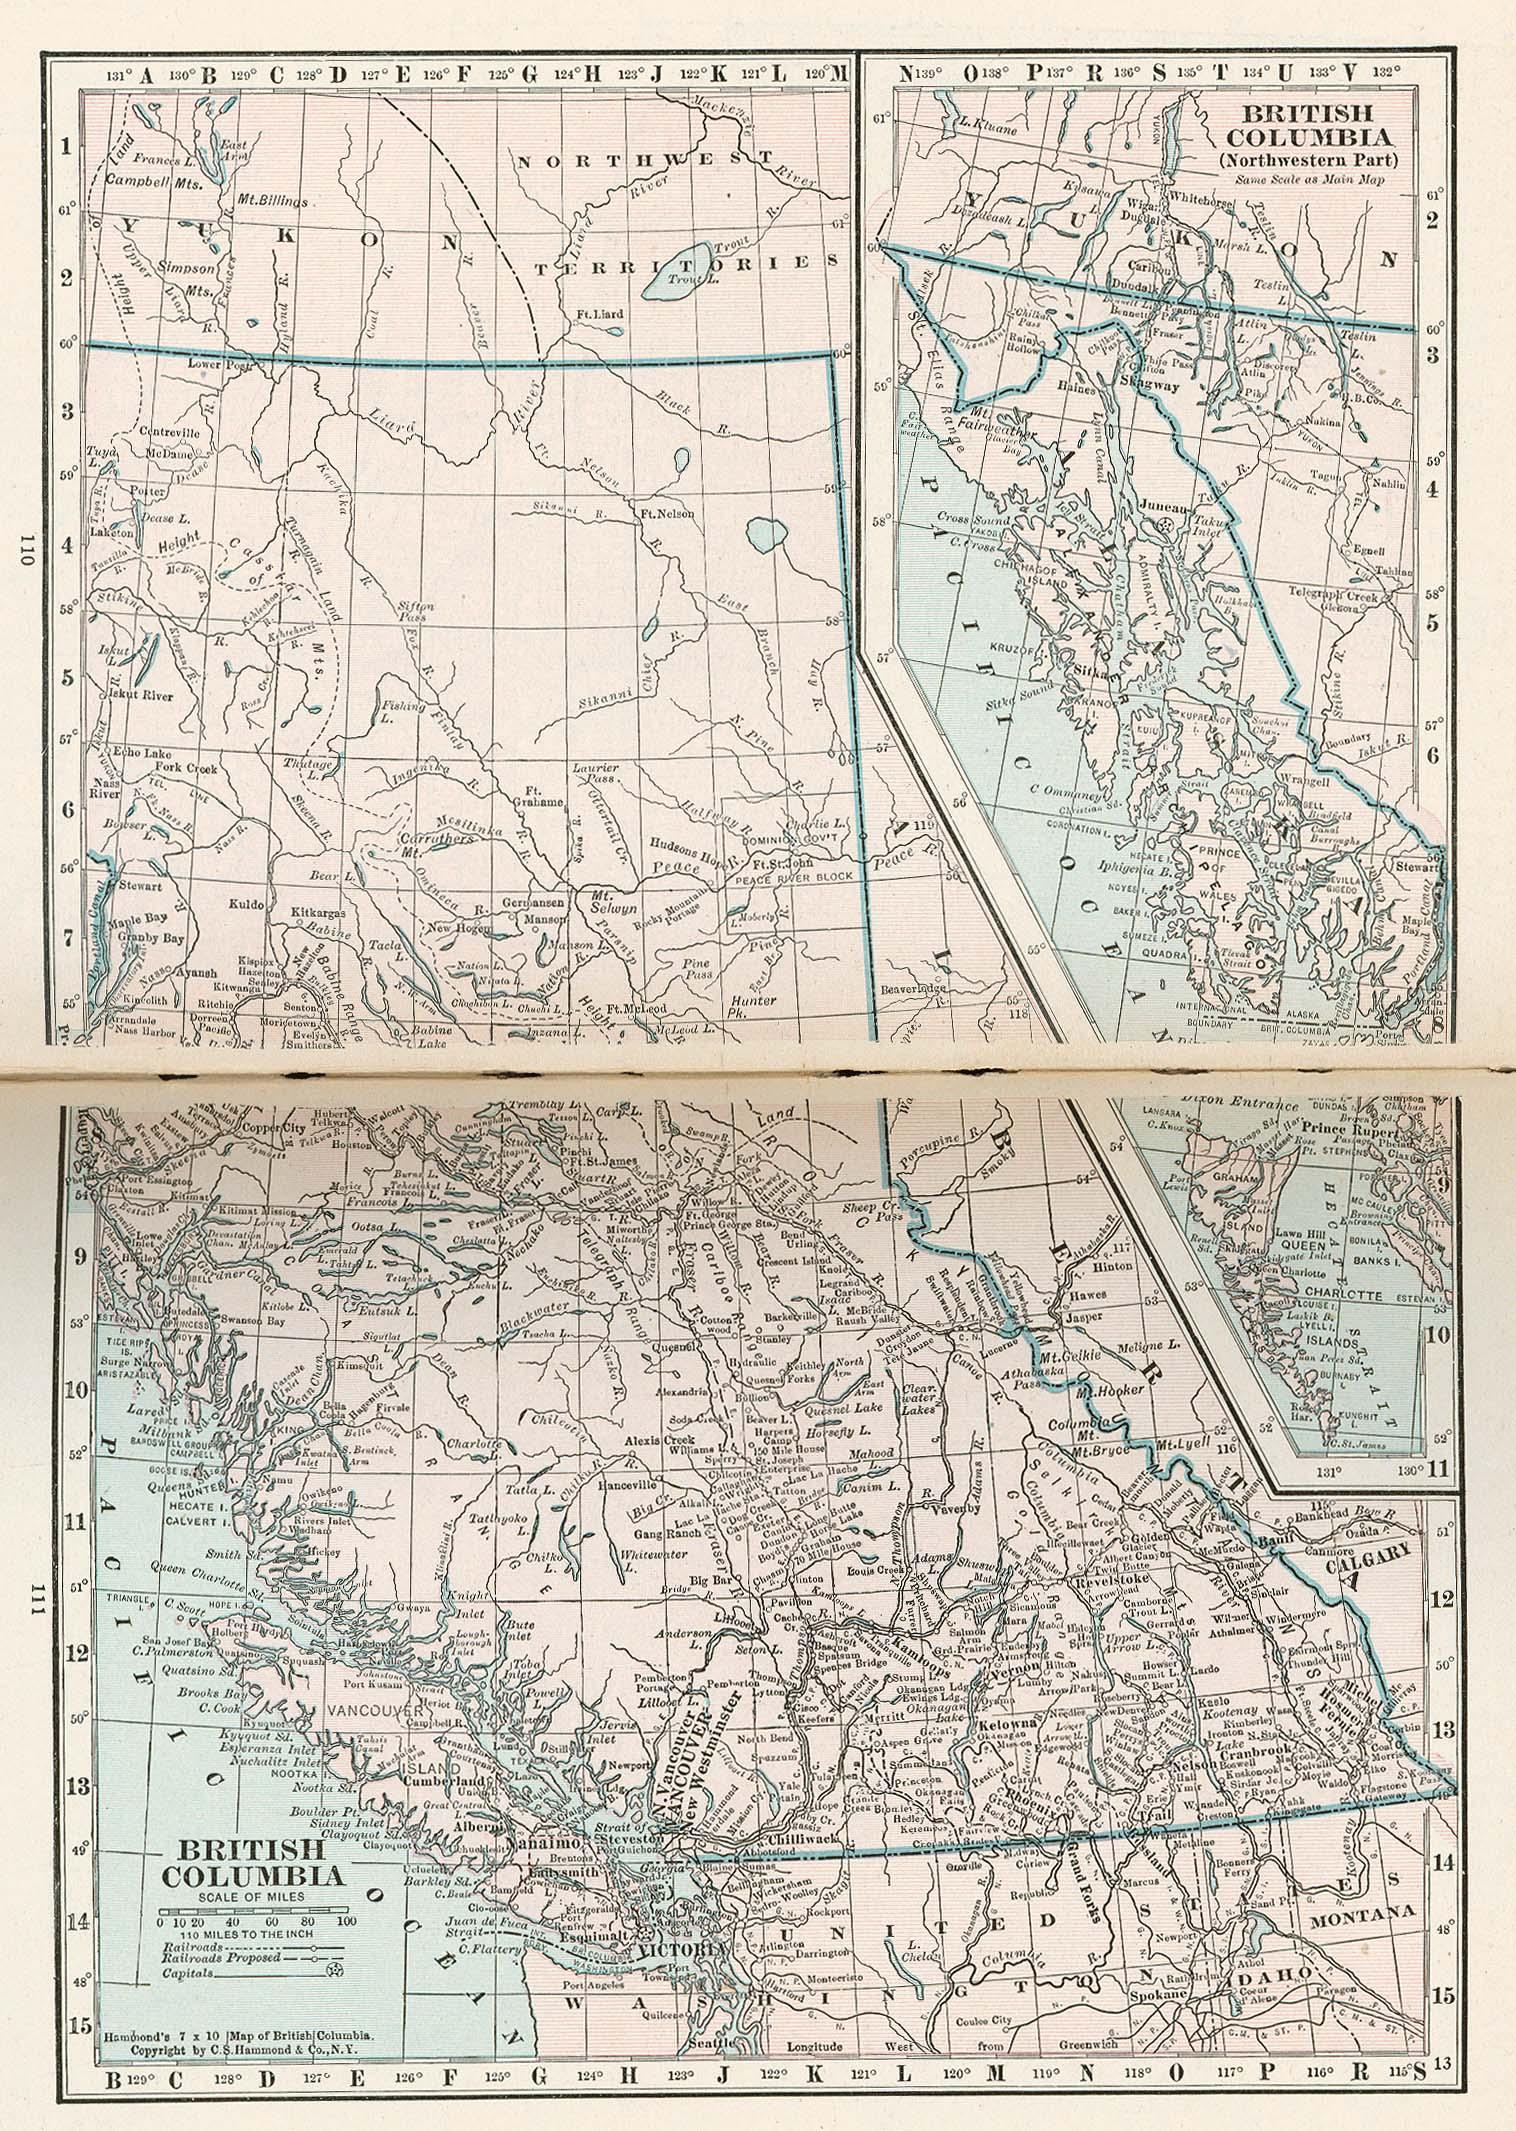 Mapa de Columbia Británica, Canadá 1921